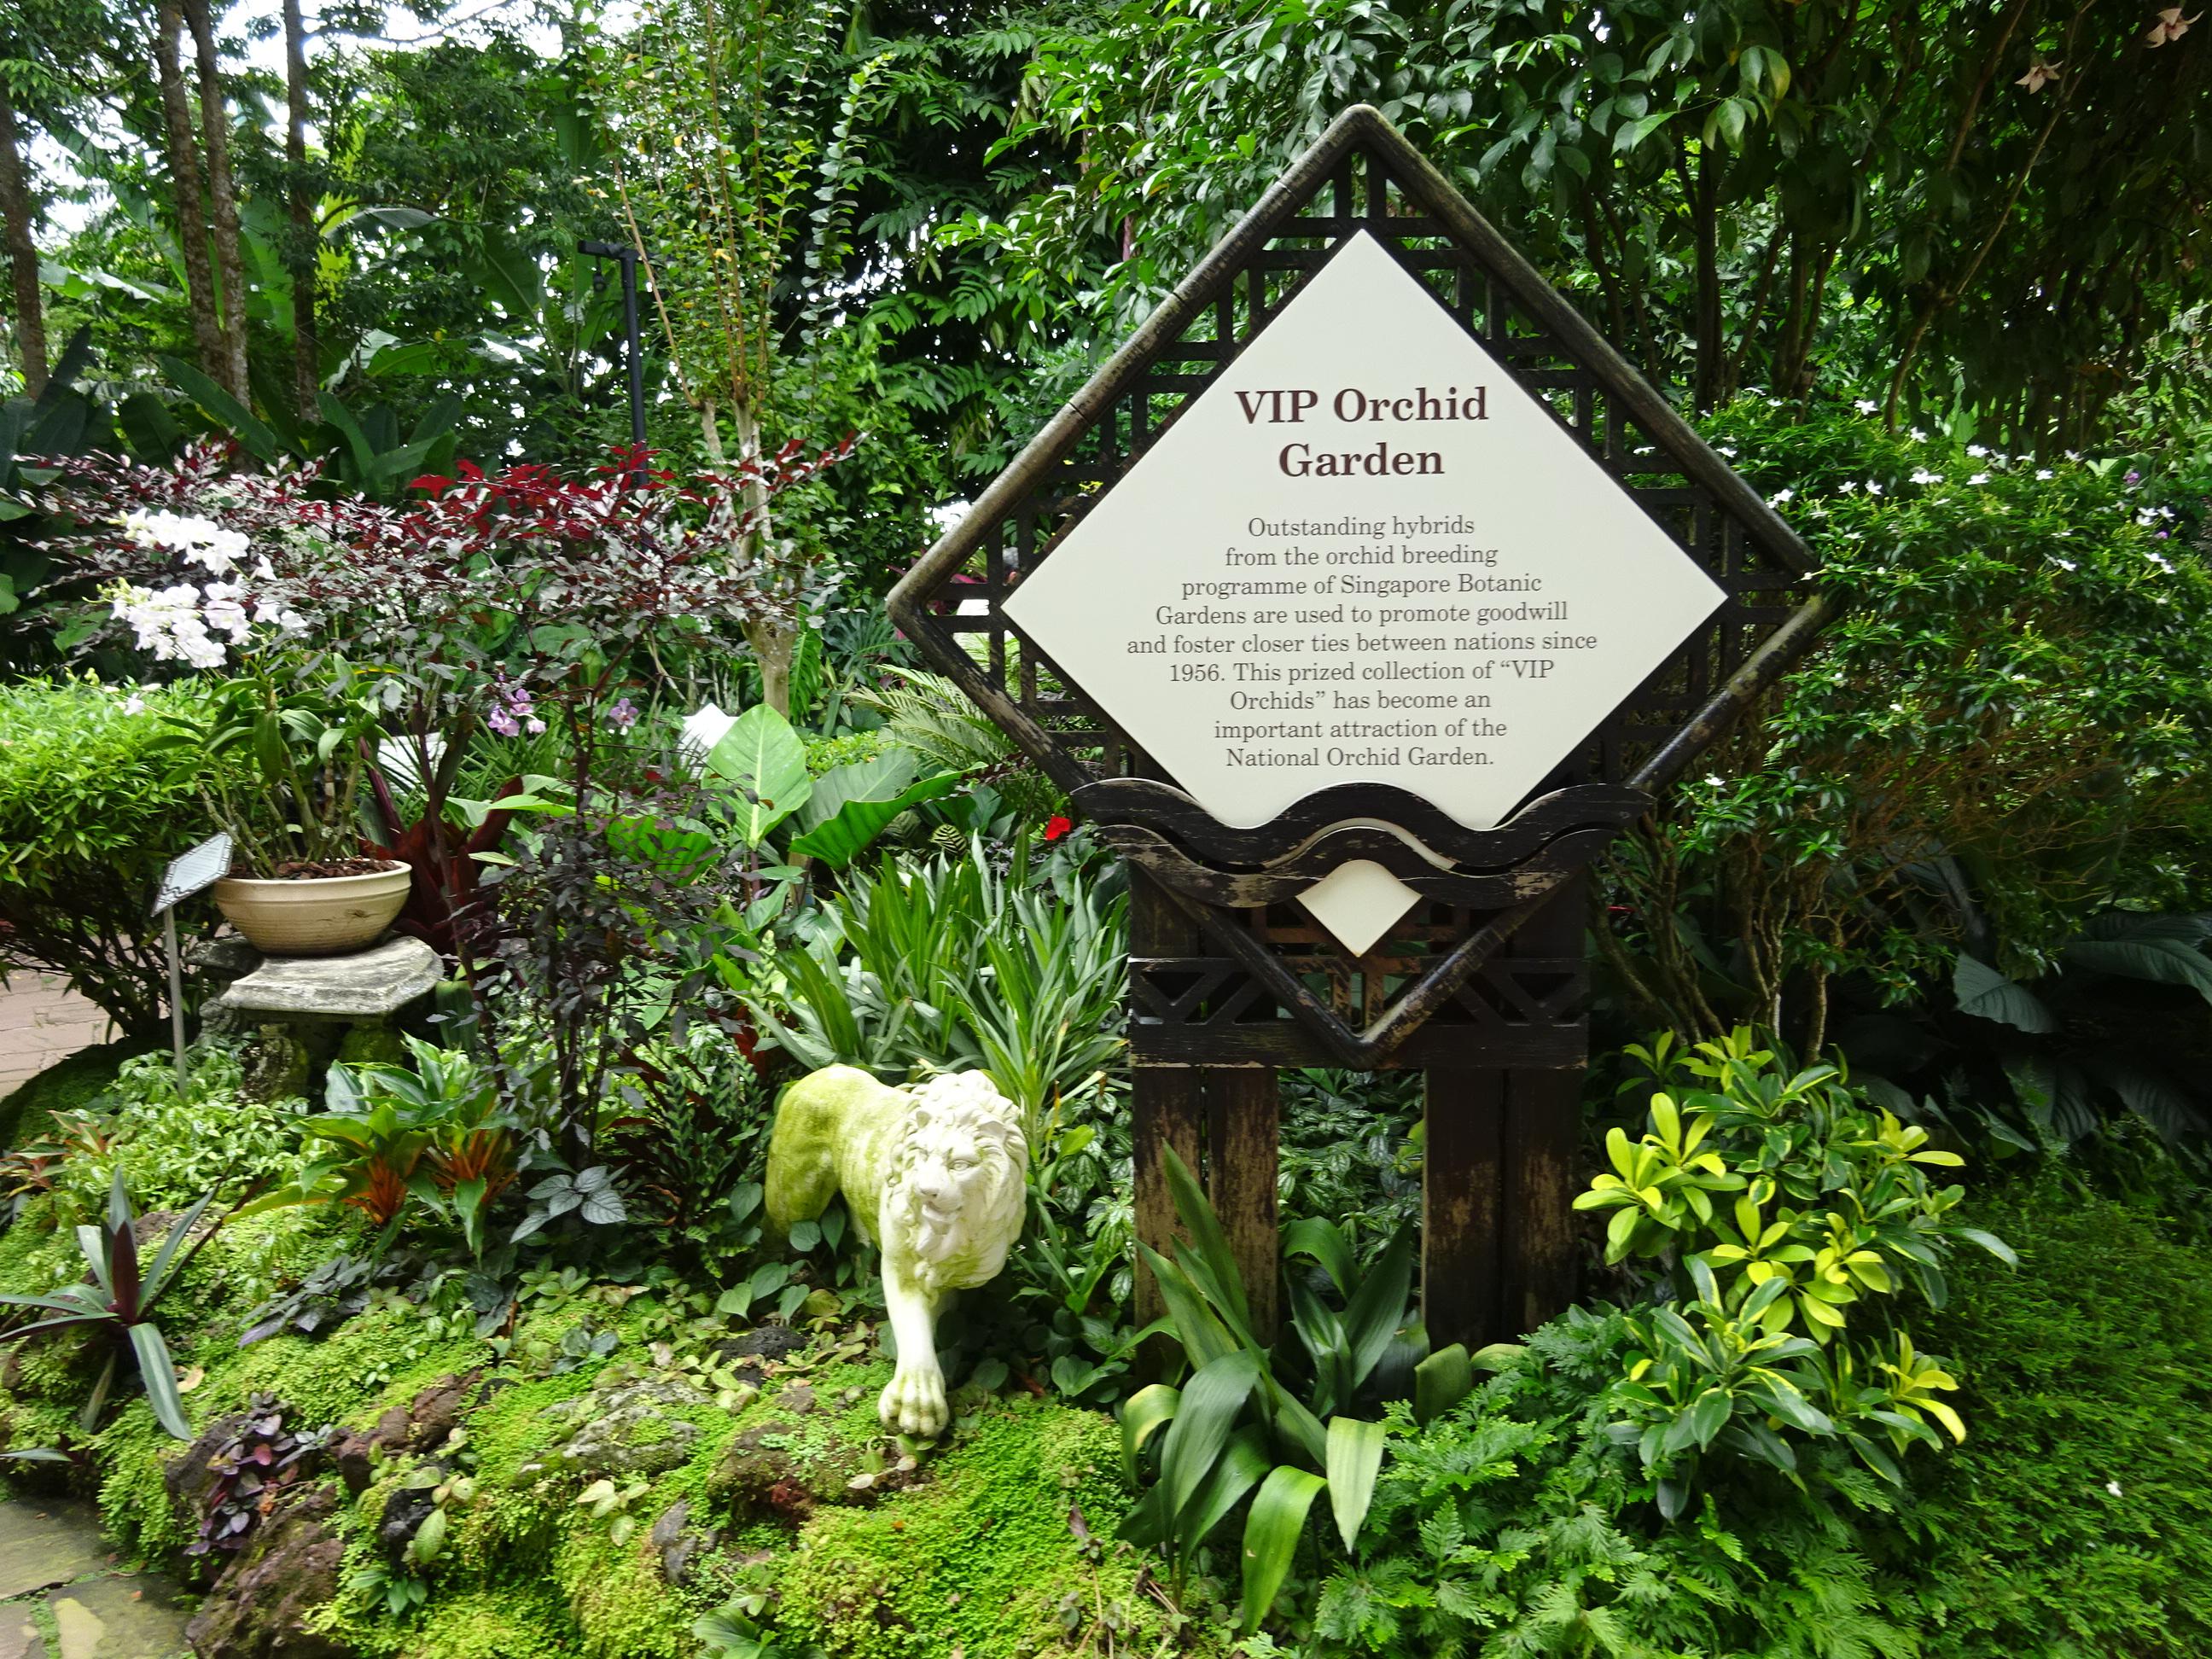 シンガポールの国立洋ラン園(ナショナル オーキッド ガーデン)の様子